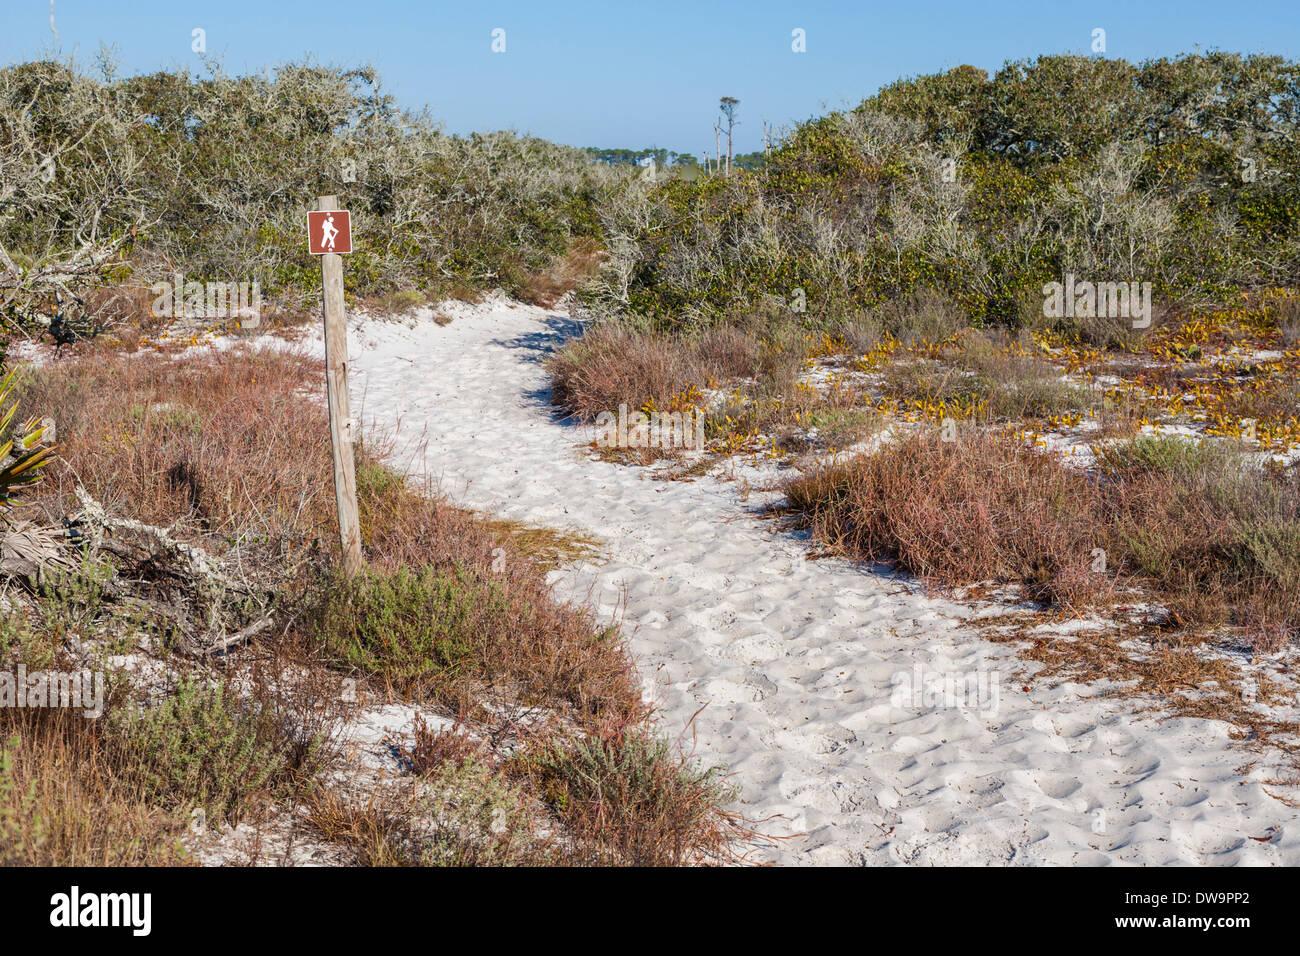 Kiefer-Zweig Wanderweg in Bon Secour National Wildlife Refuge Winde zwischen Sanddünen am Strand von Gulf Shores, AL Stockbild